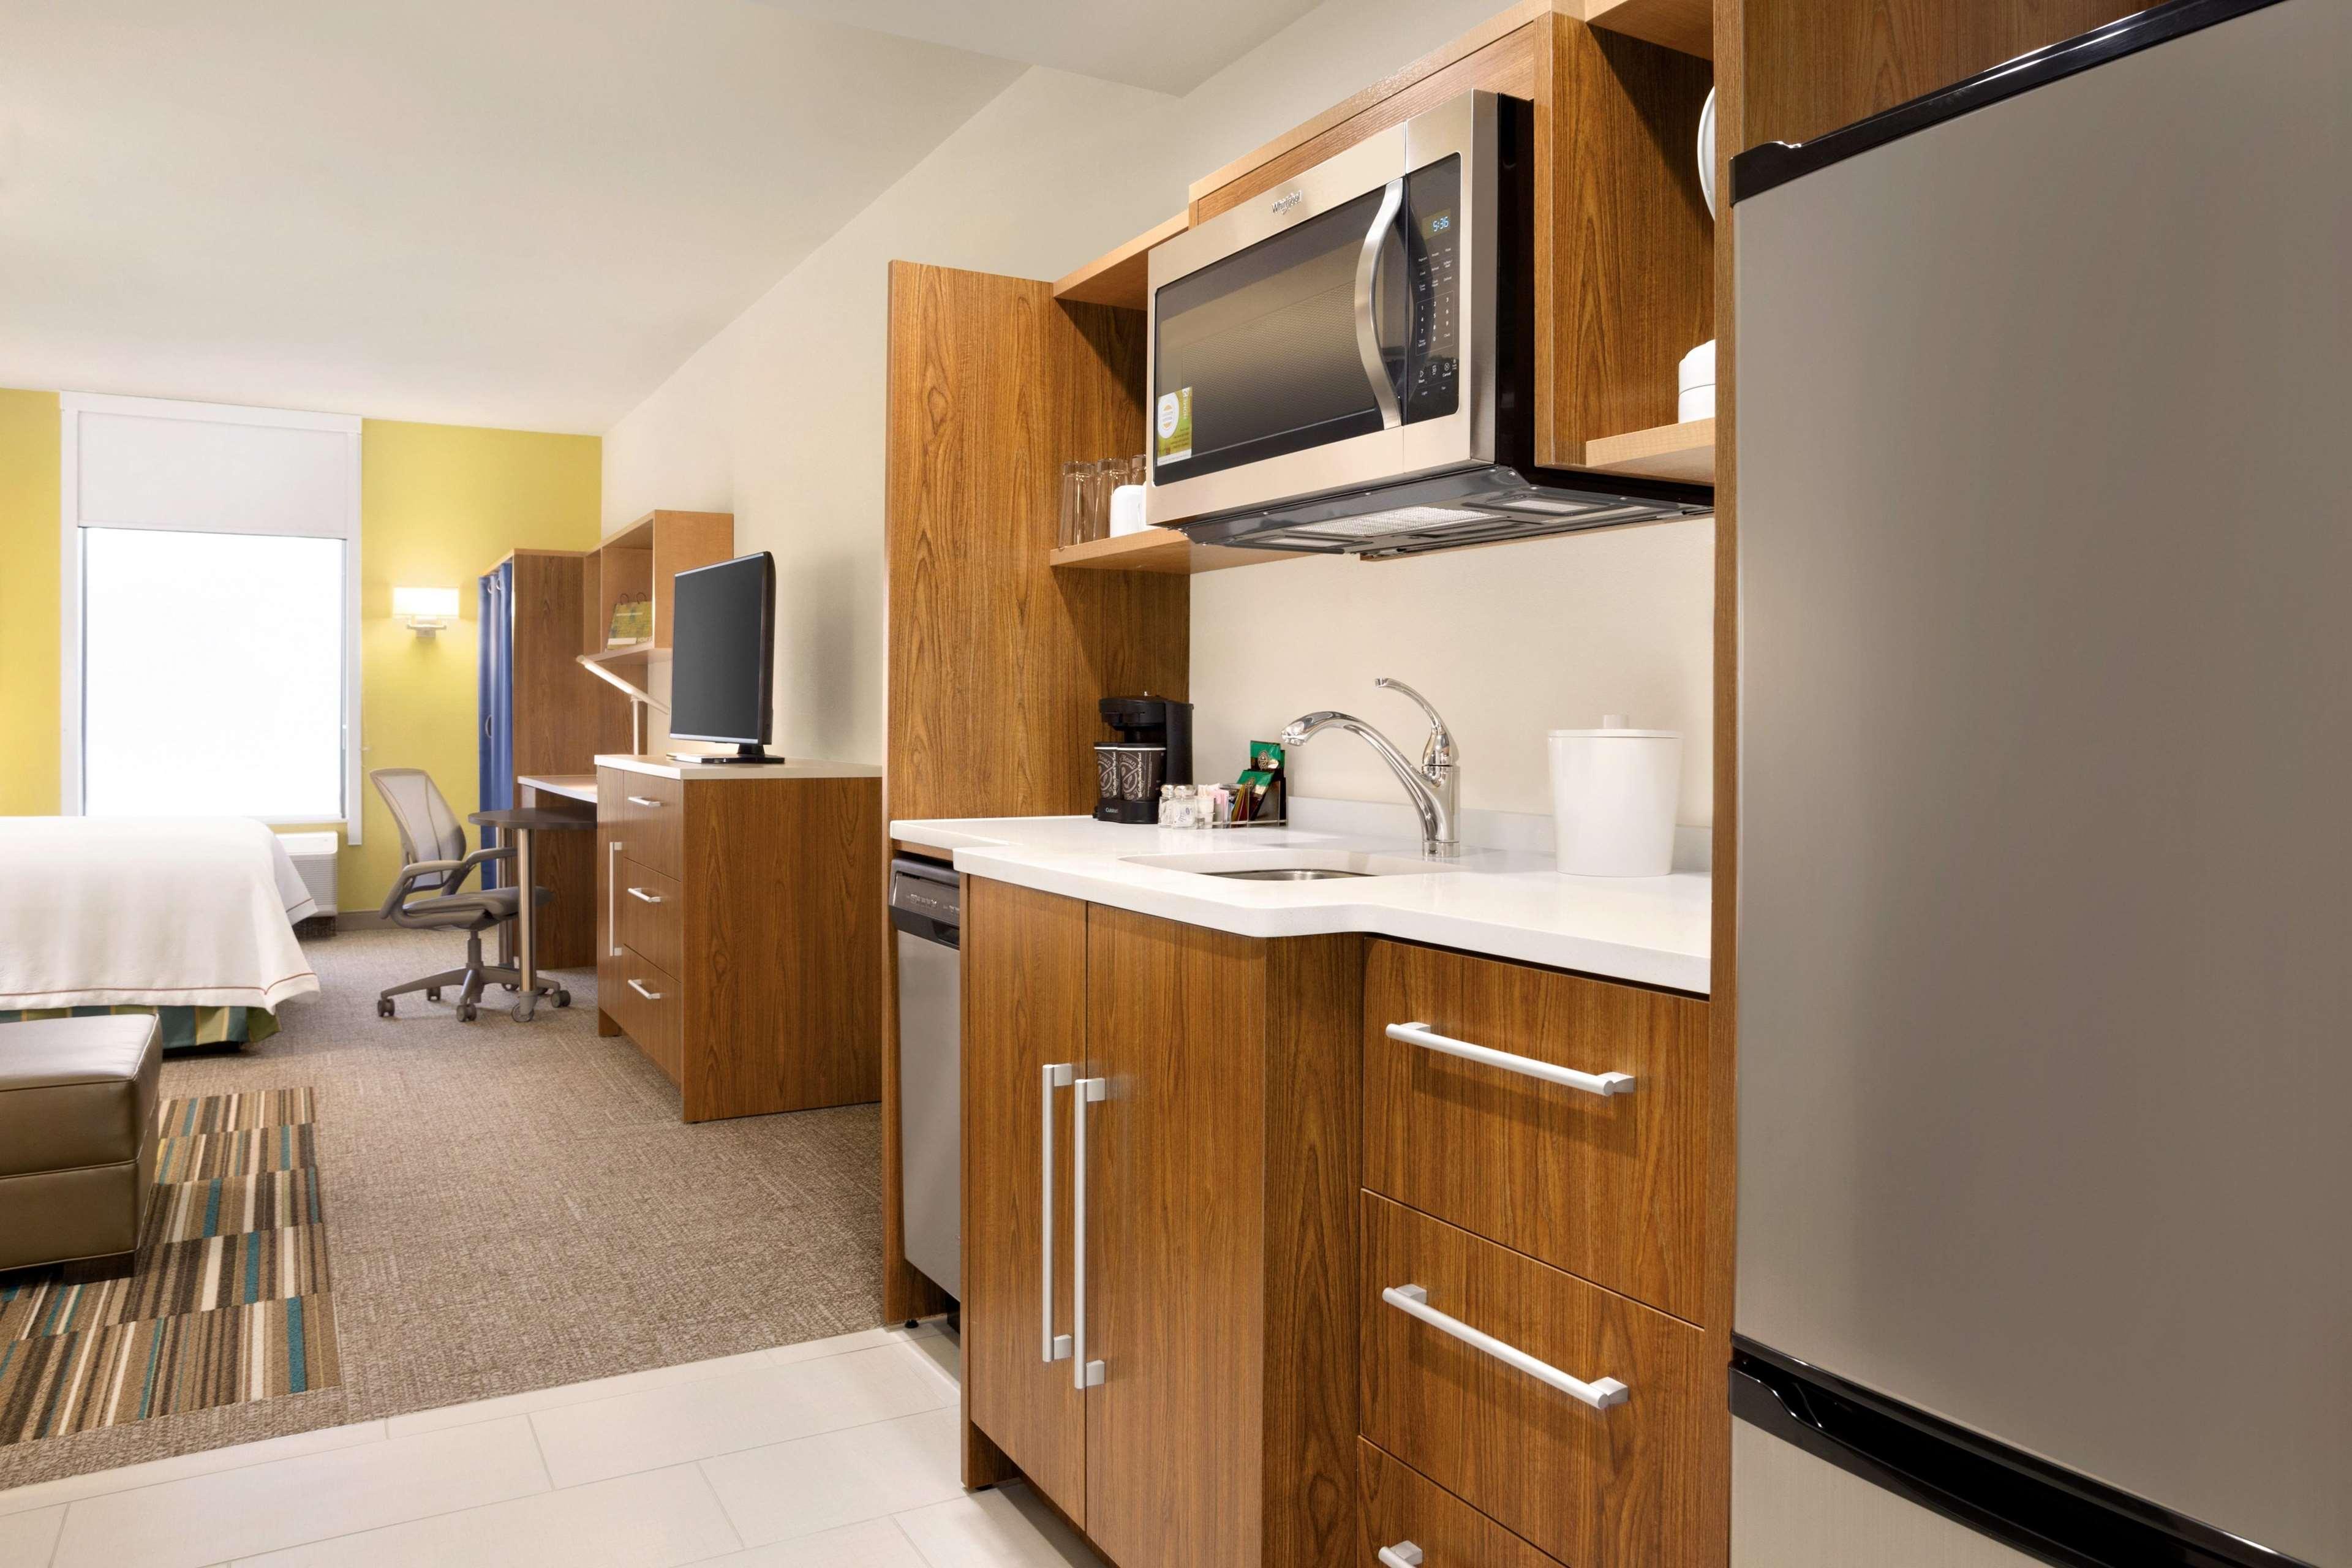 Home2 Suites by Hilton Birmingham Downtown image 14